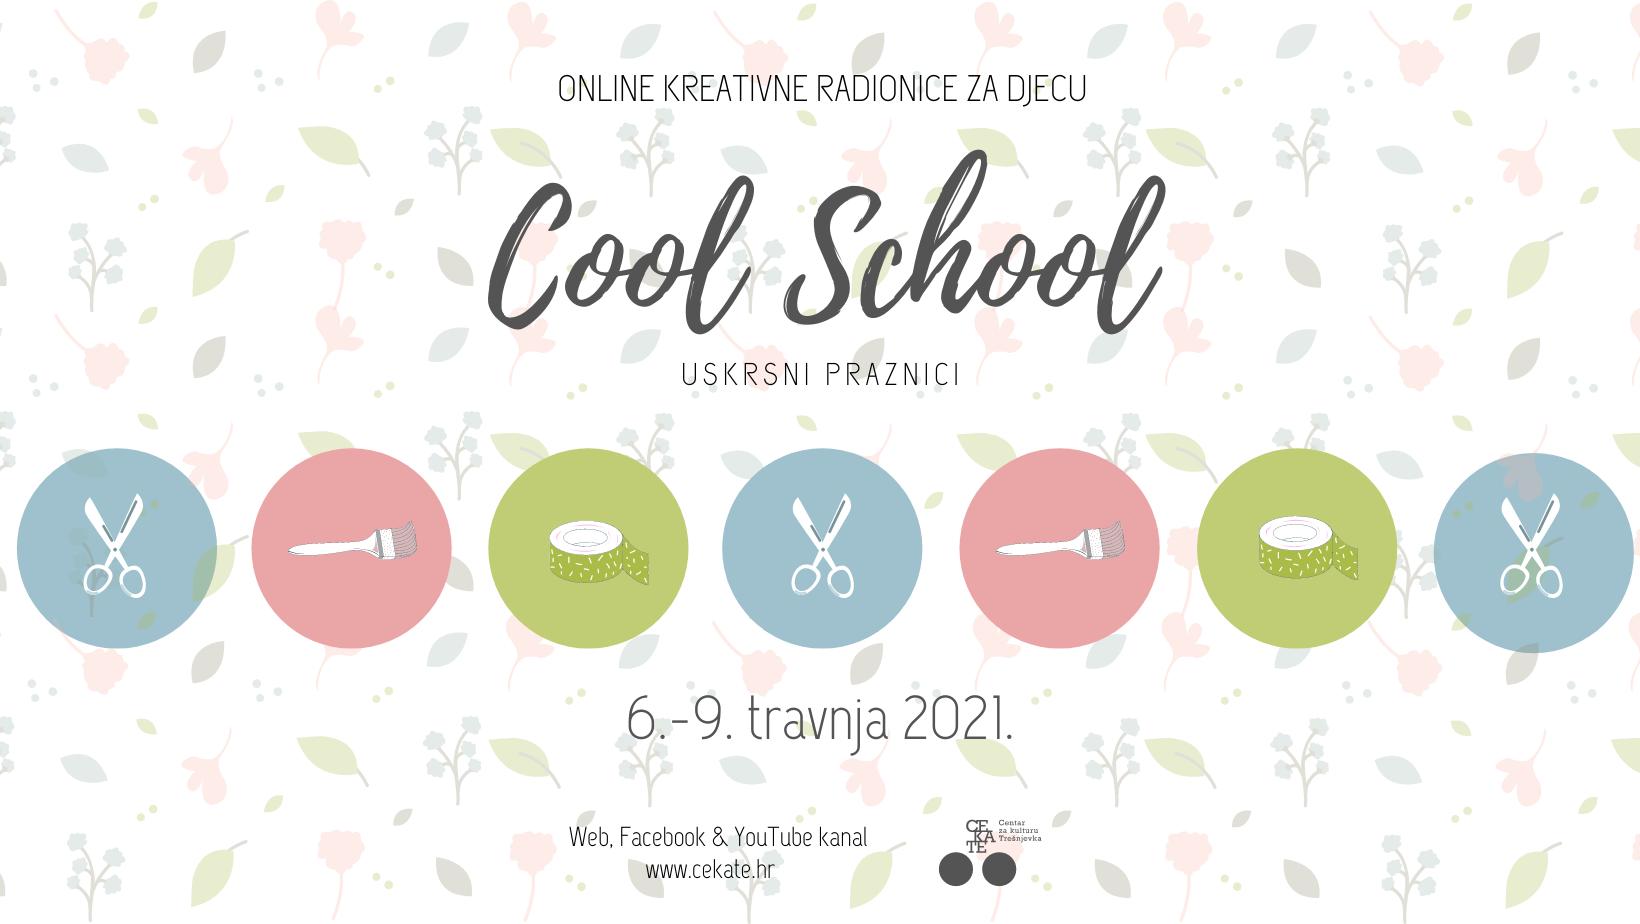 Besplatne online radionice za djecu za vrijeme školskih praznika